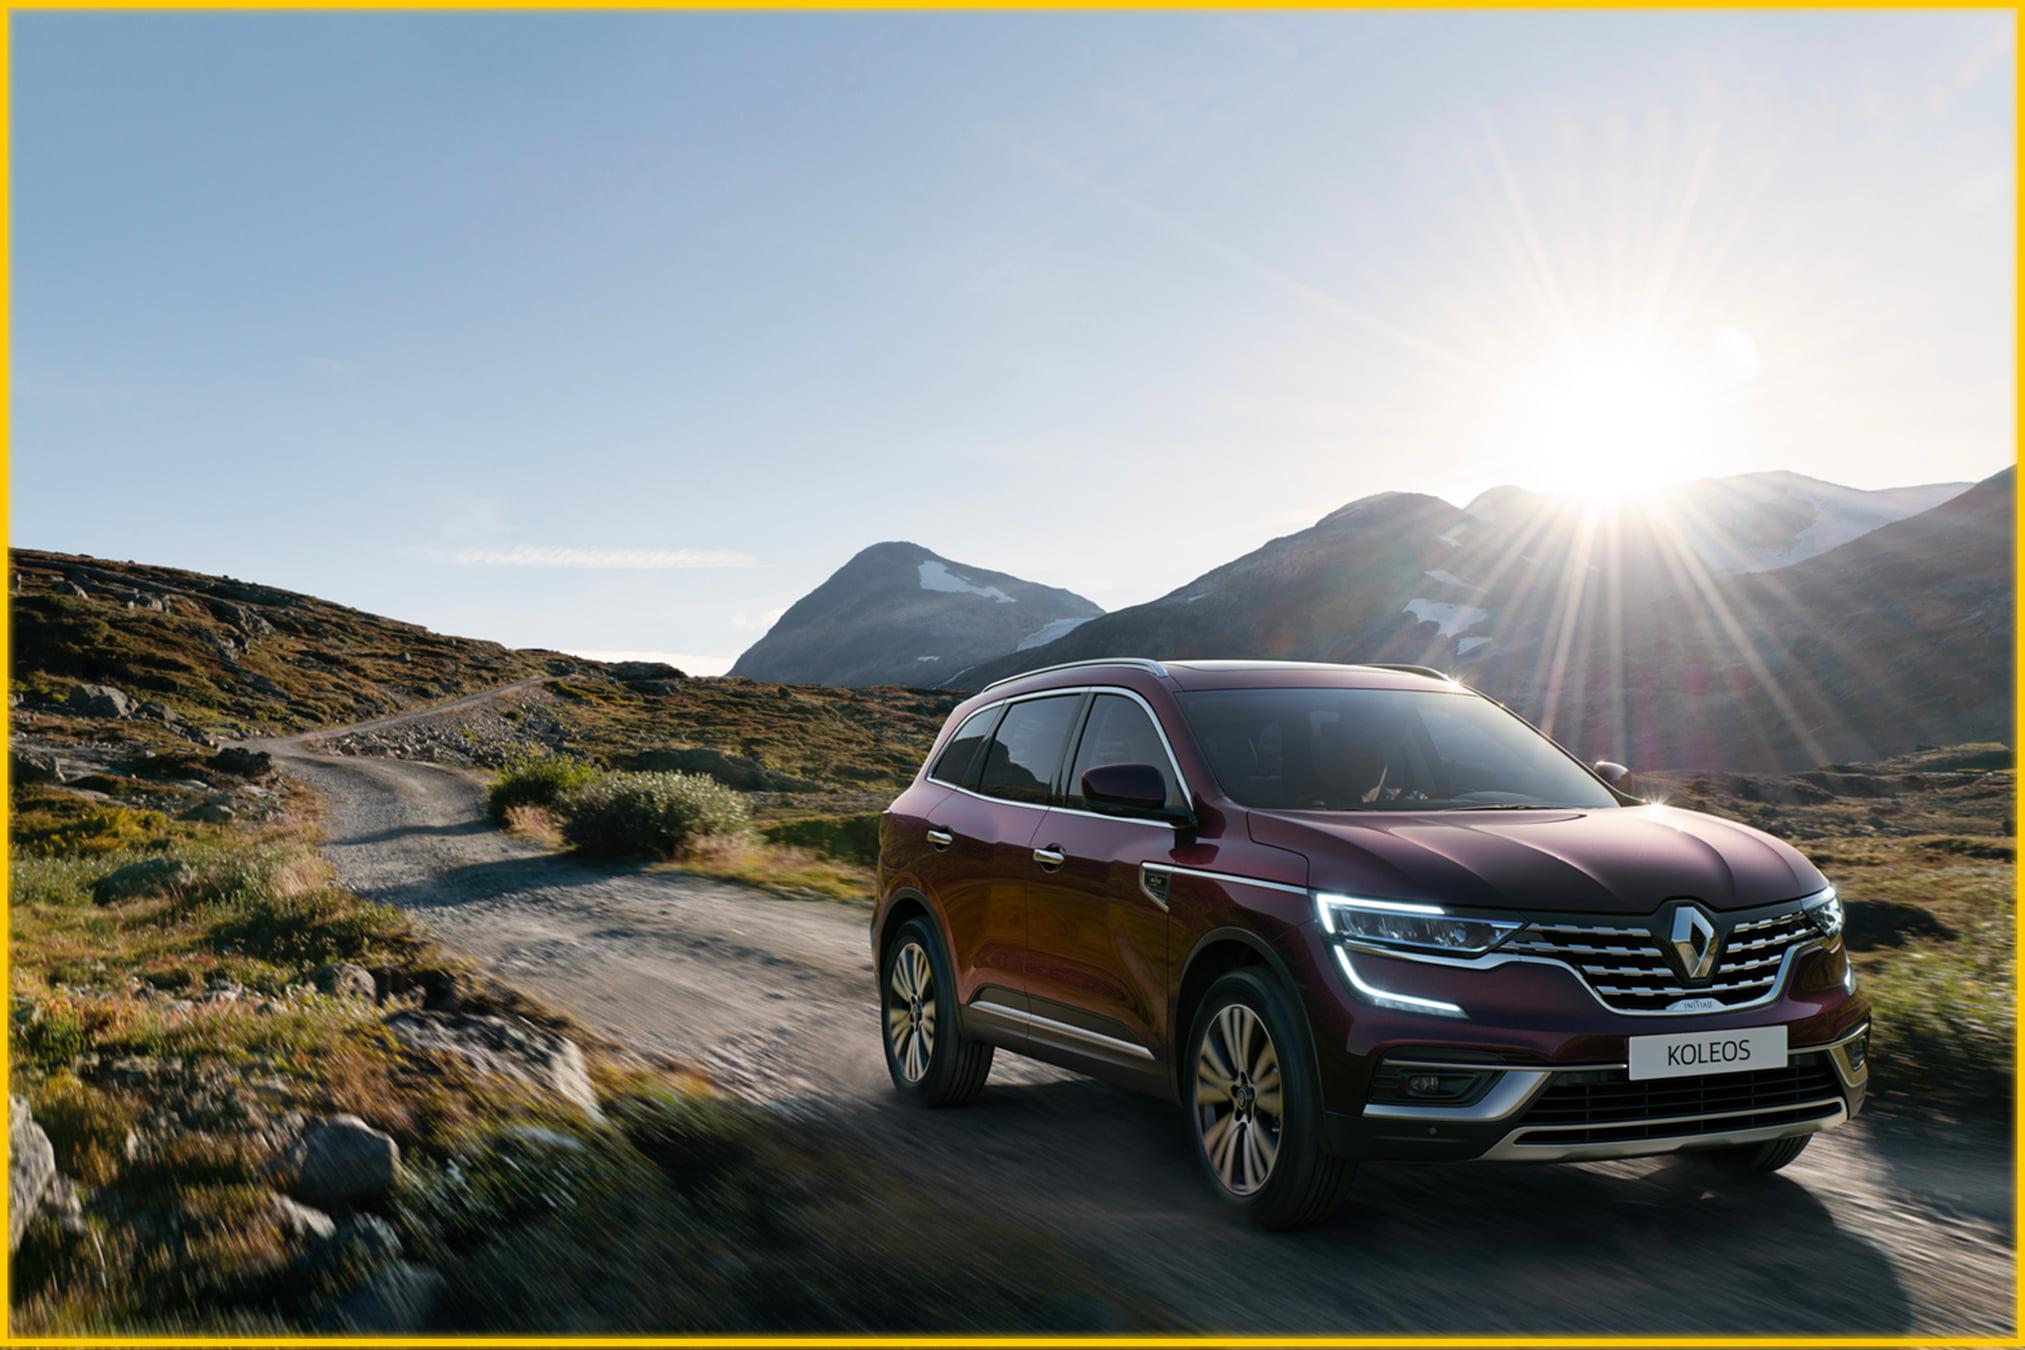 Découvrez Renault KOLEOS, l'alliance parfaite entre l'élégance et la robustesse ...